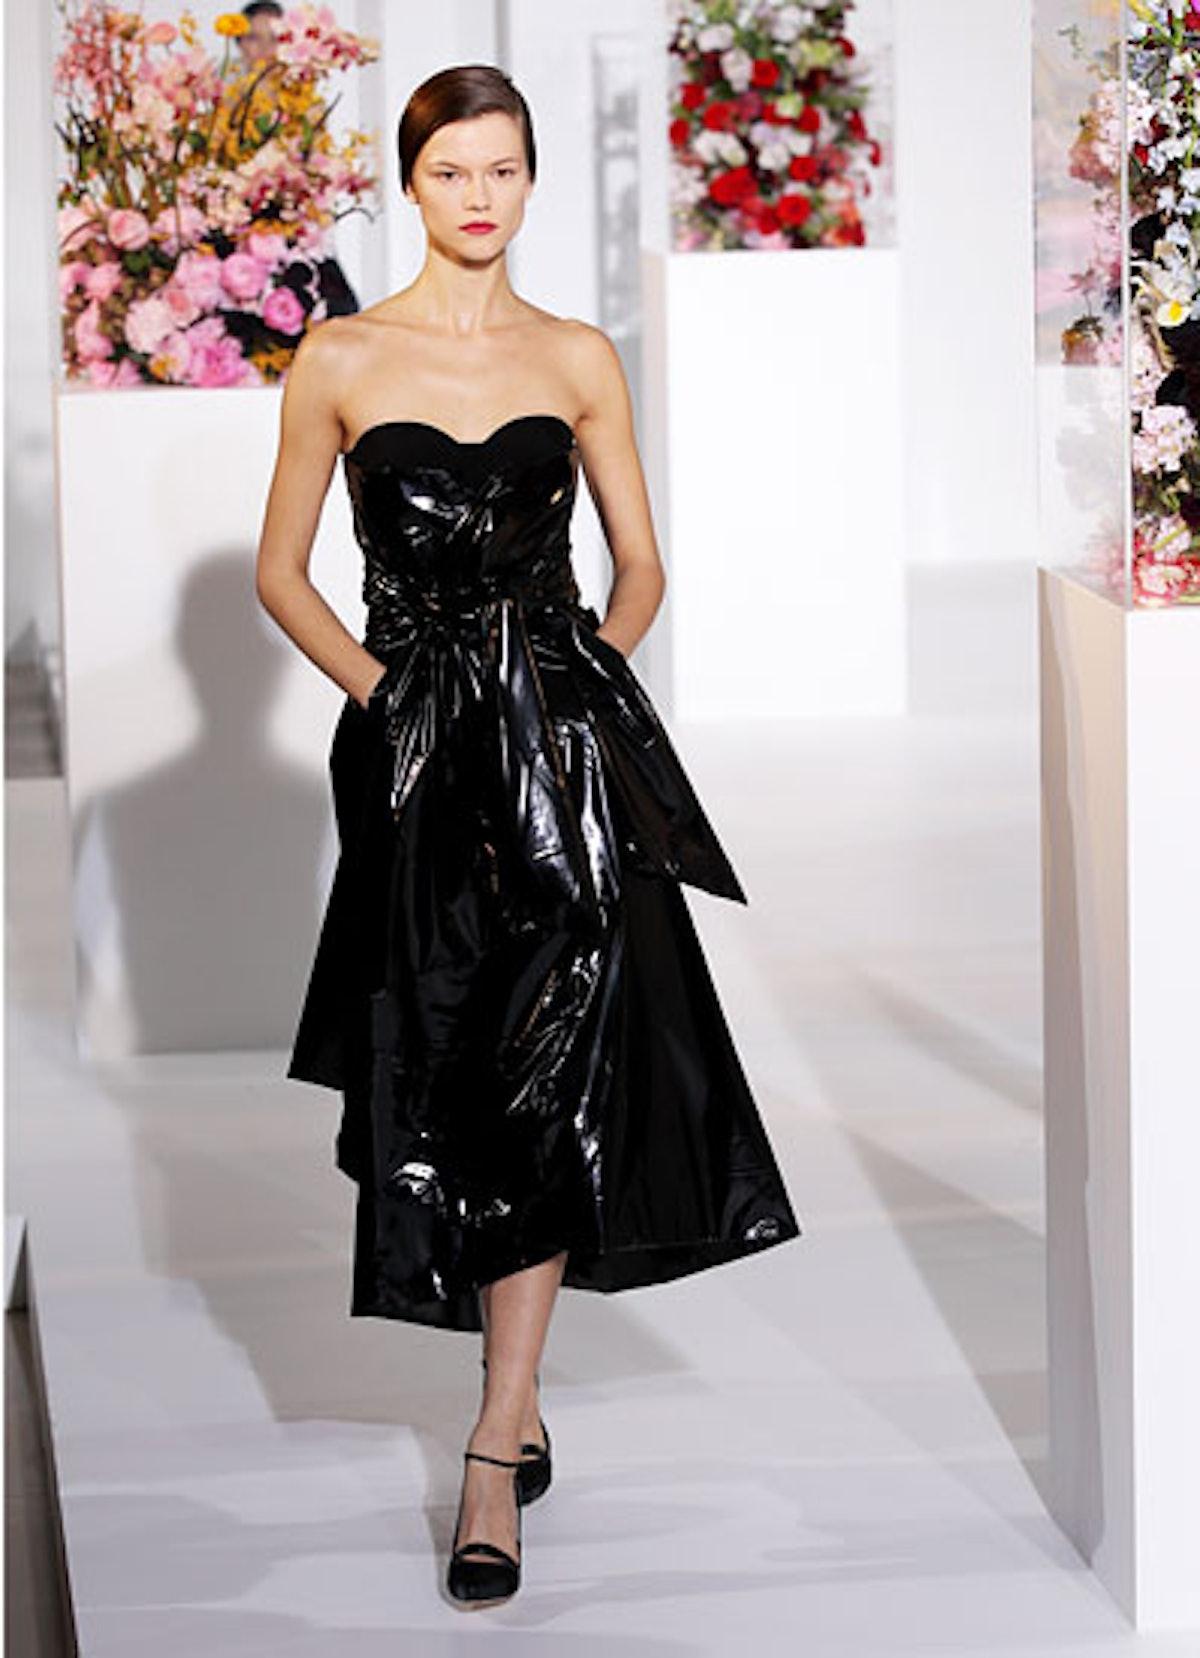 fass-fall-2012-fashion-roundup-19-v.jpg